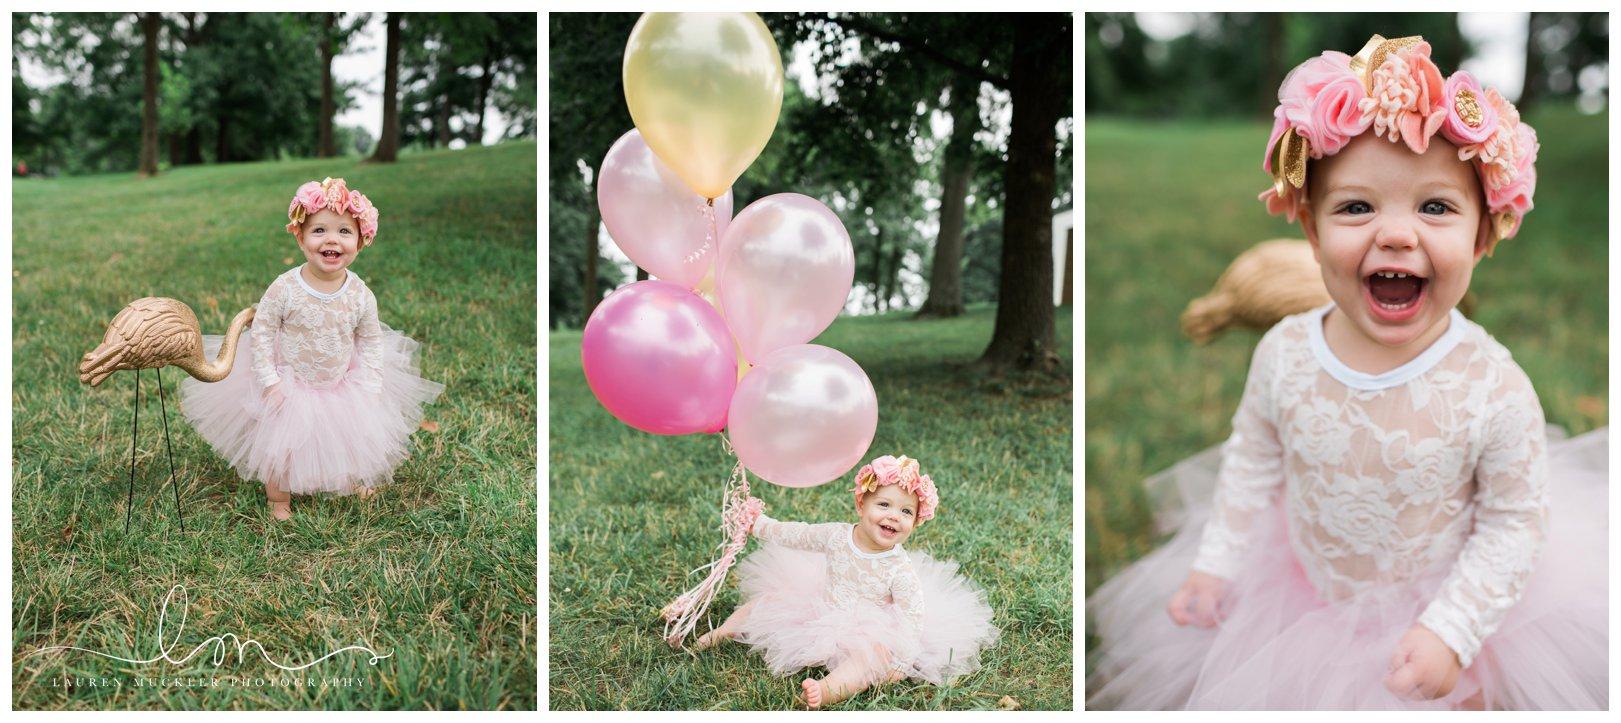 lauren muckler photography_fine art film wedding photography_st louis_photography_0519.jpg